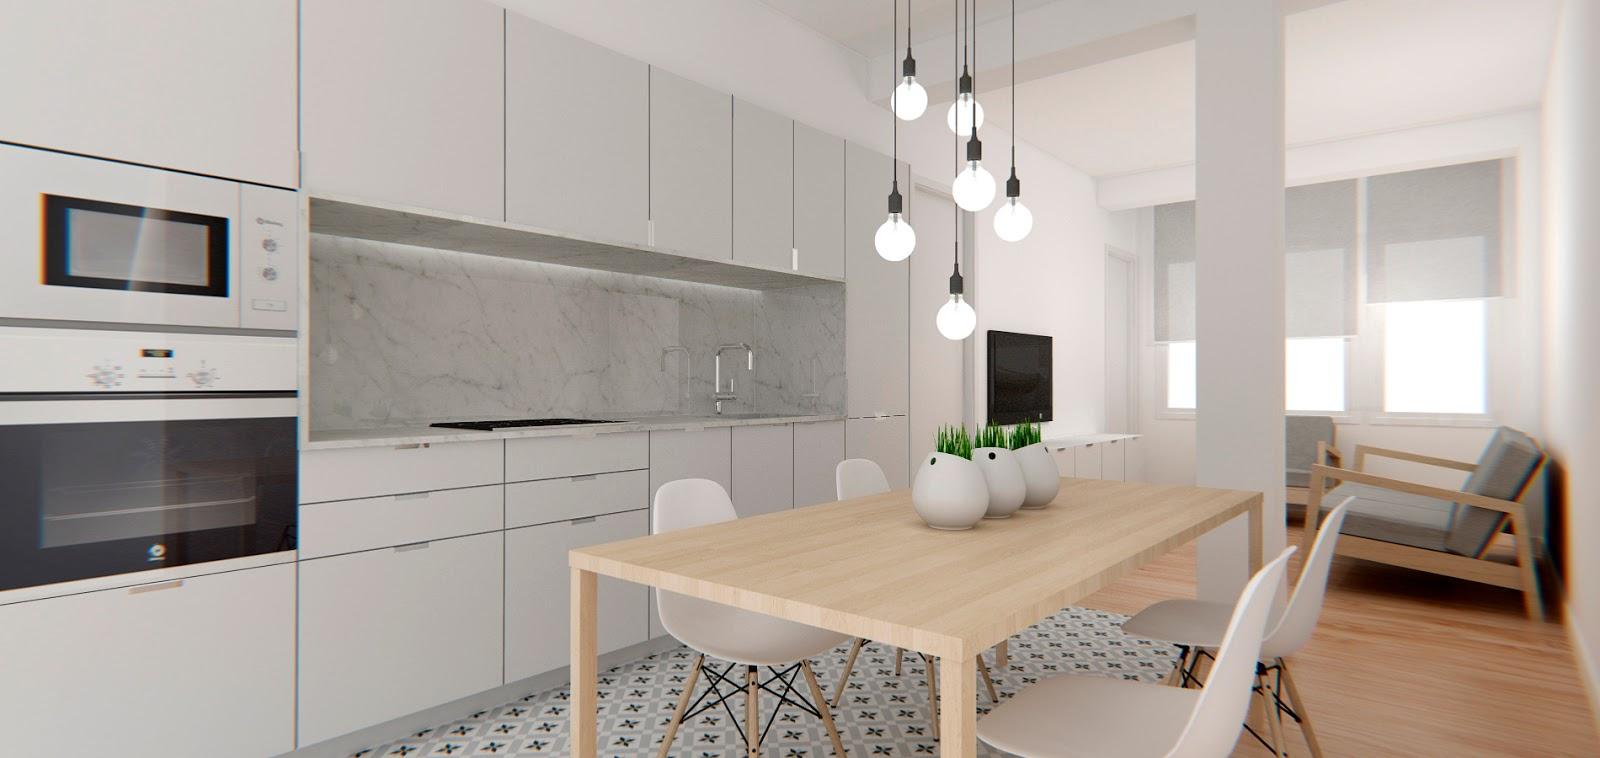 Reforma de apartamento en valencia dg arquitecto valencia for Estudio de arquitectura